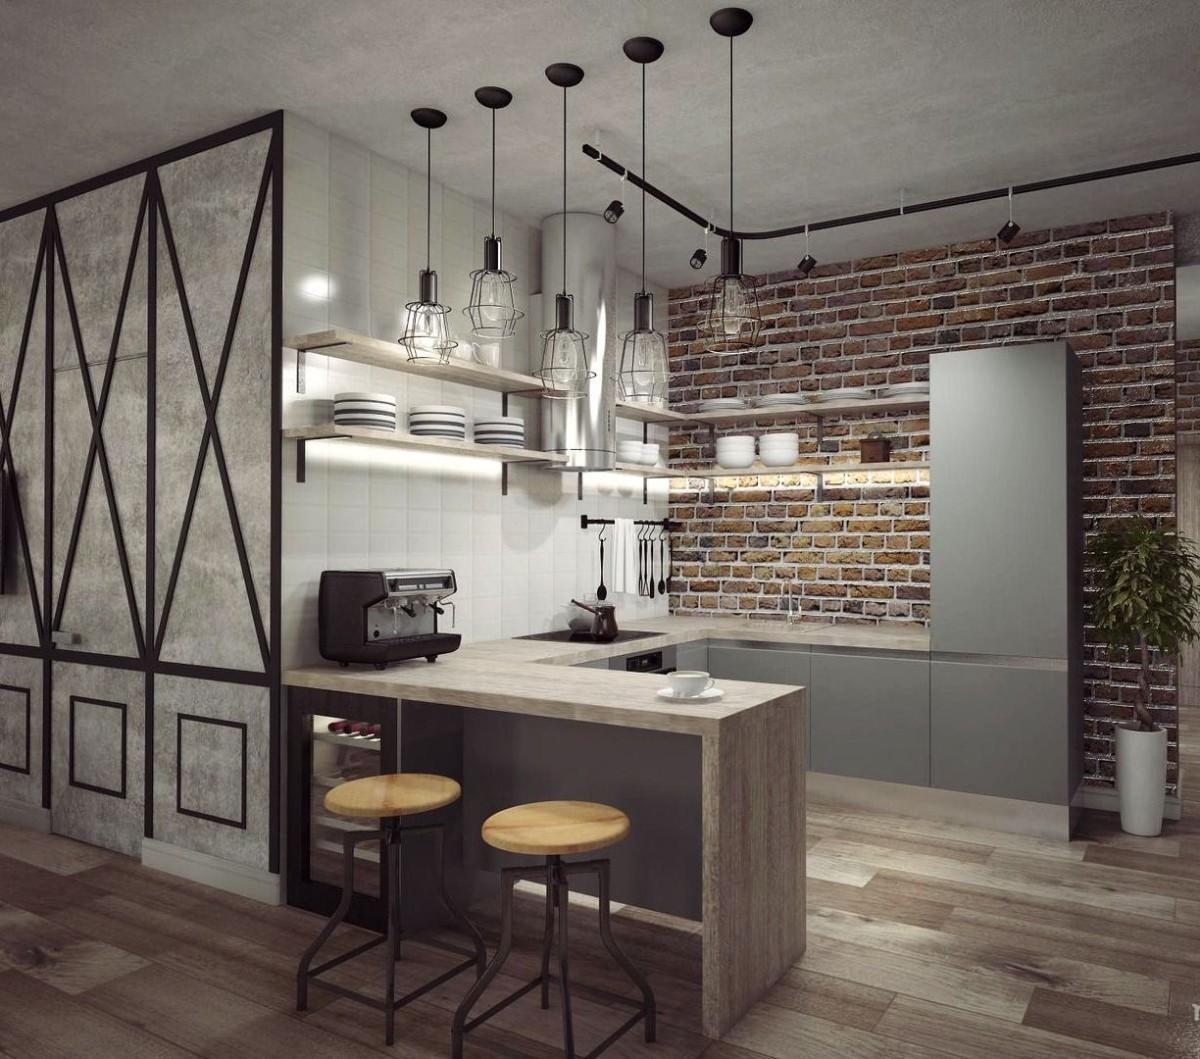 фактурная штукатурка в дизайне кухни студии